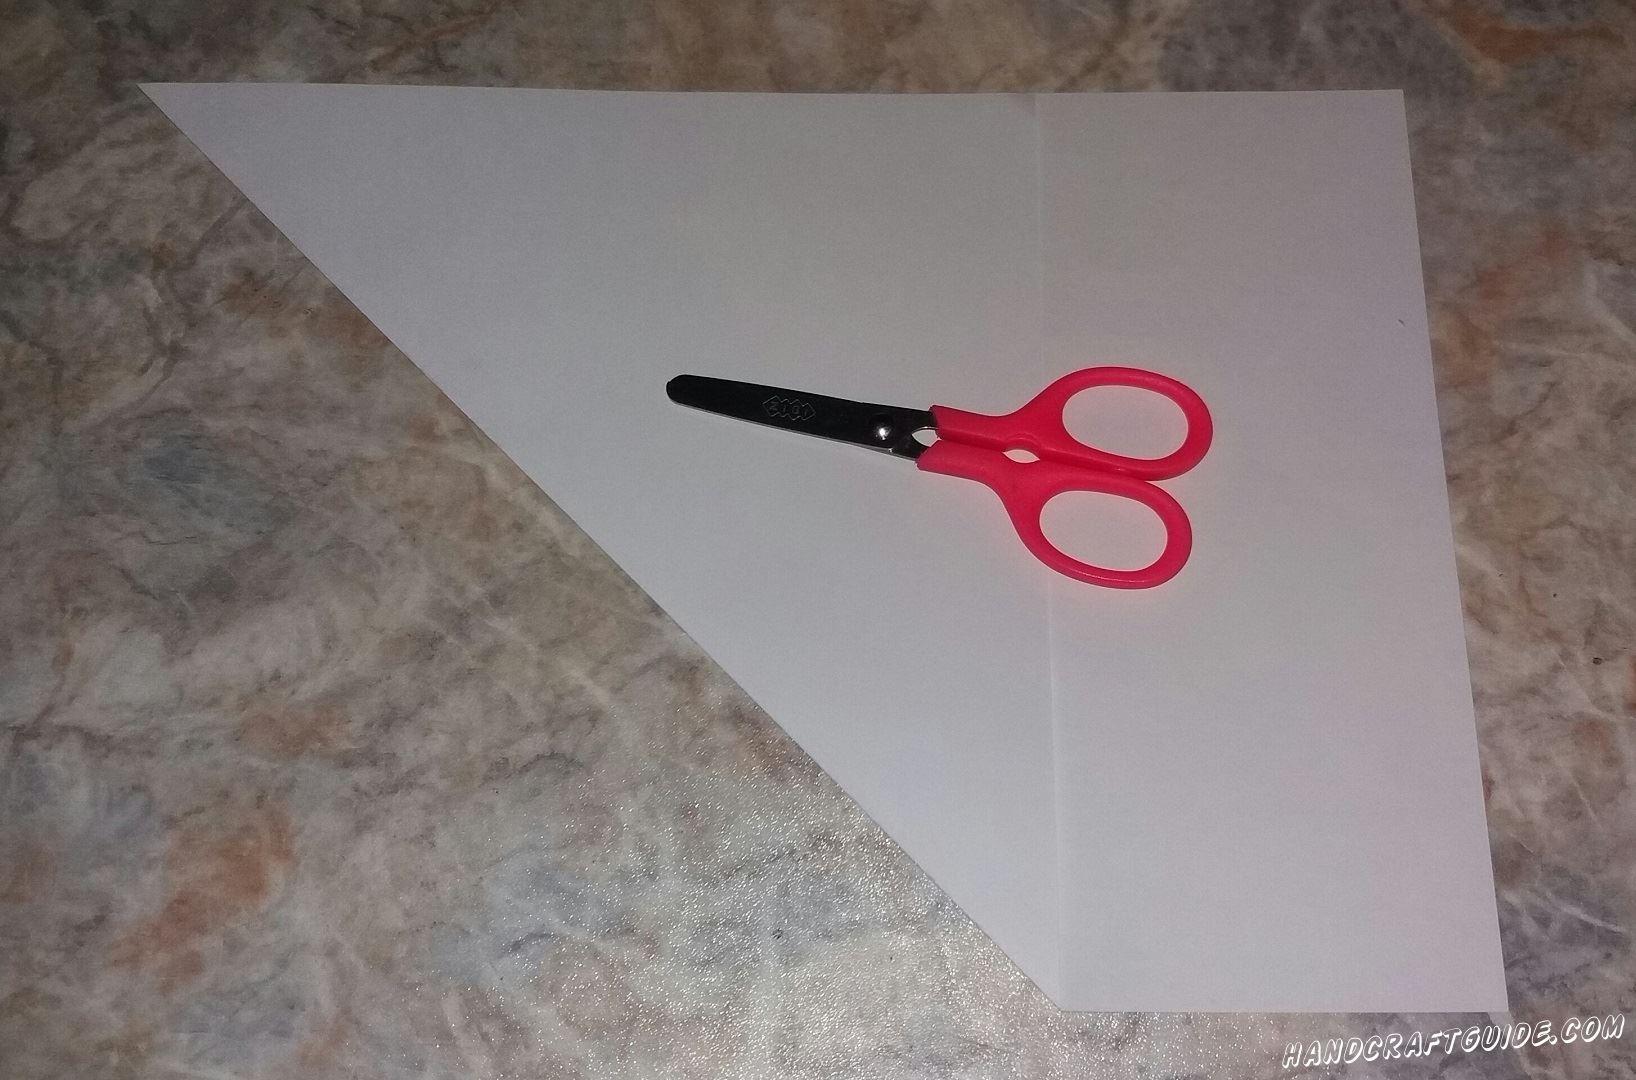 Вырезаем ровный квадрат из белого листа формата А4. Для этого загибаем ровный треугольник и вырезаем лишнее